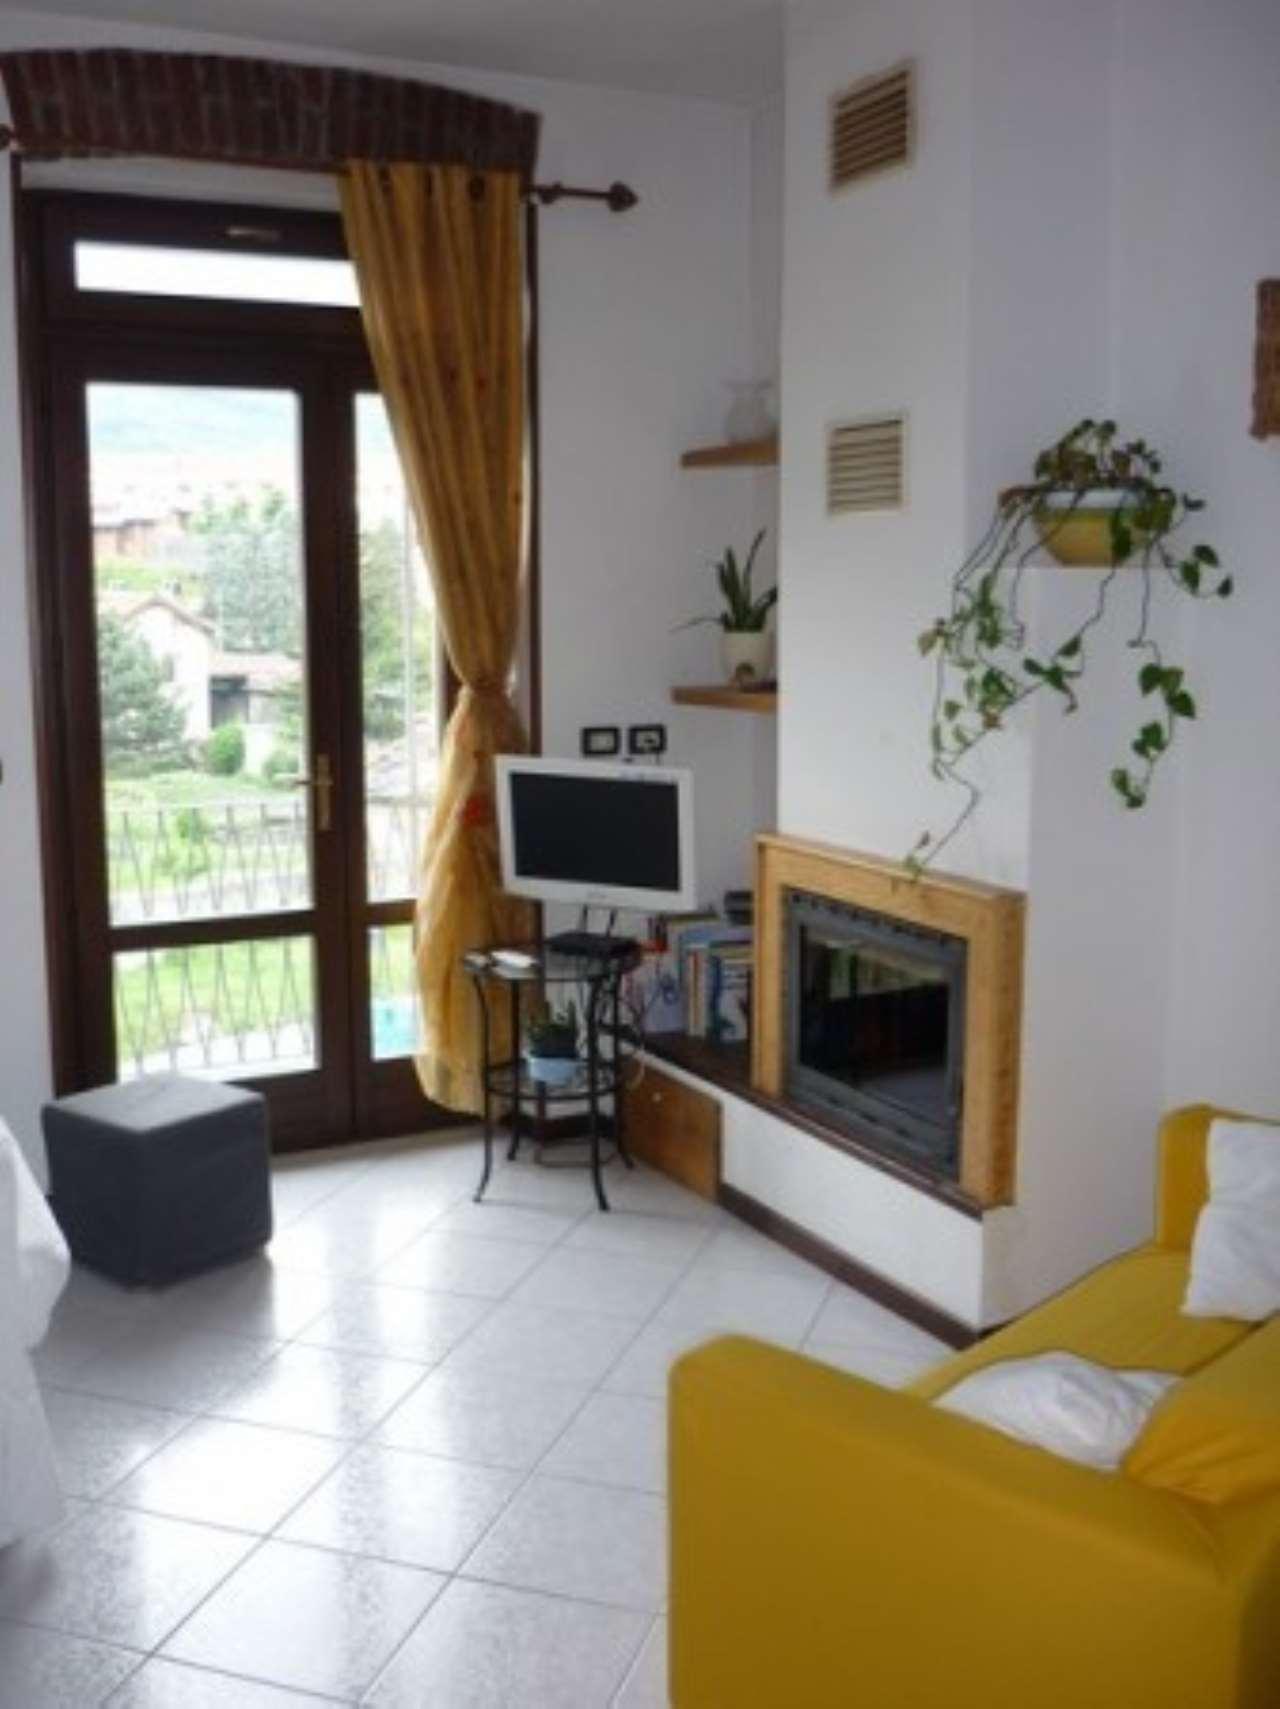 Appartamento in vendita a Bussoleno, 4 locali, prezzo € 75.000 | CambioCasa.it